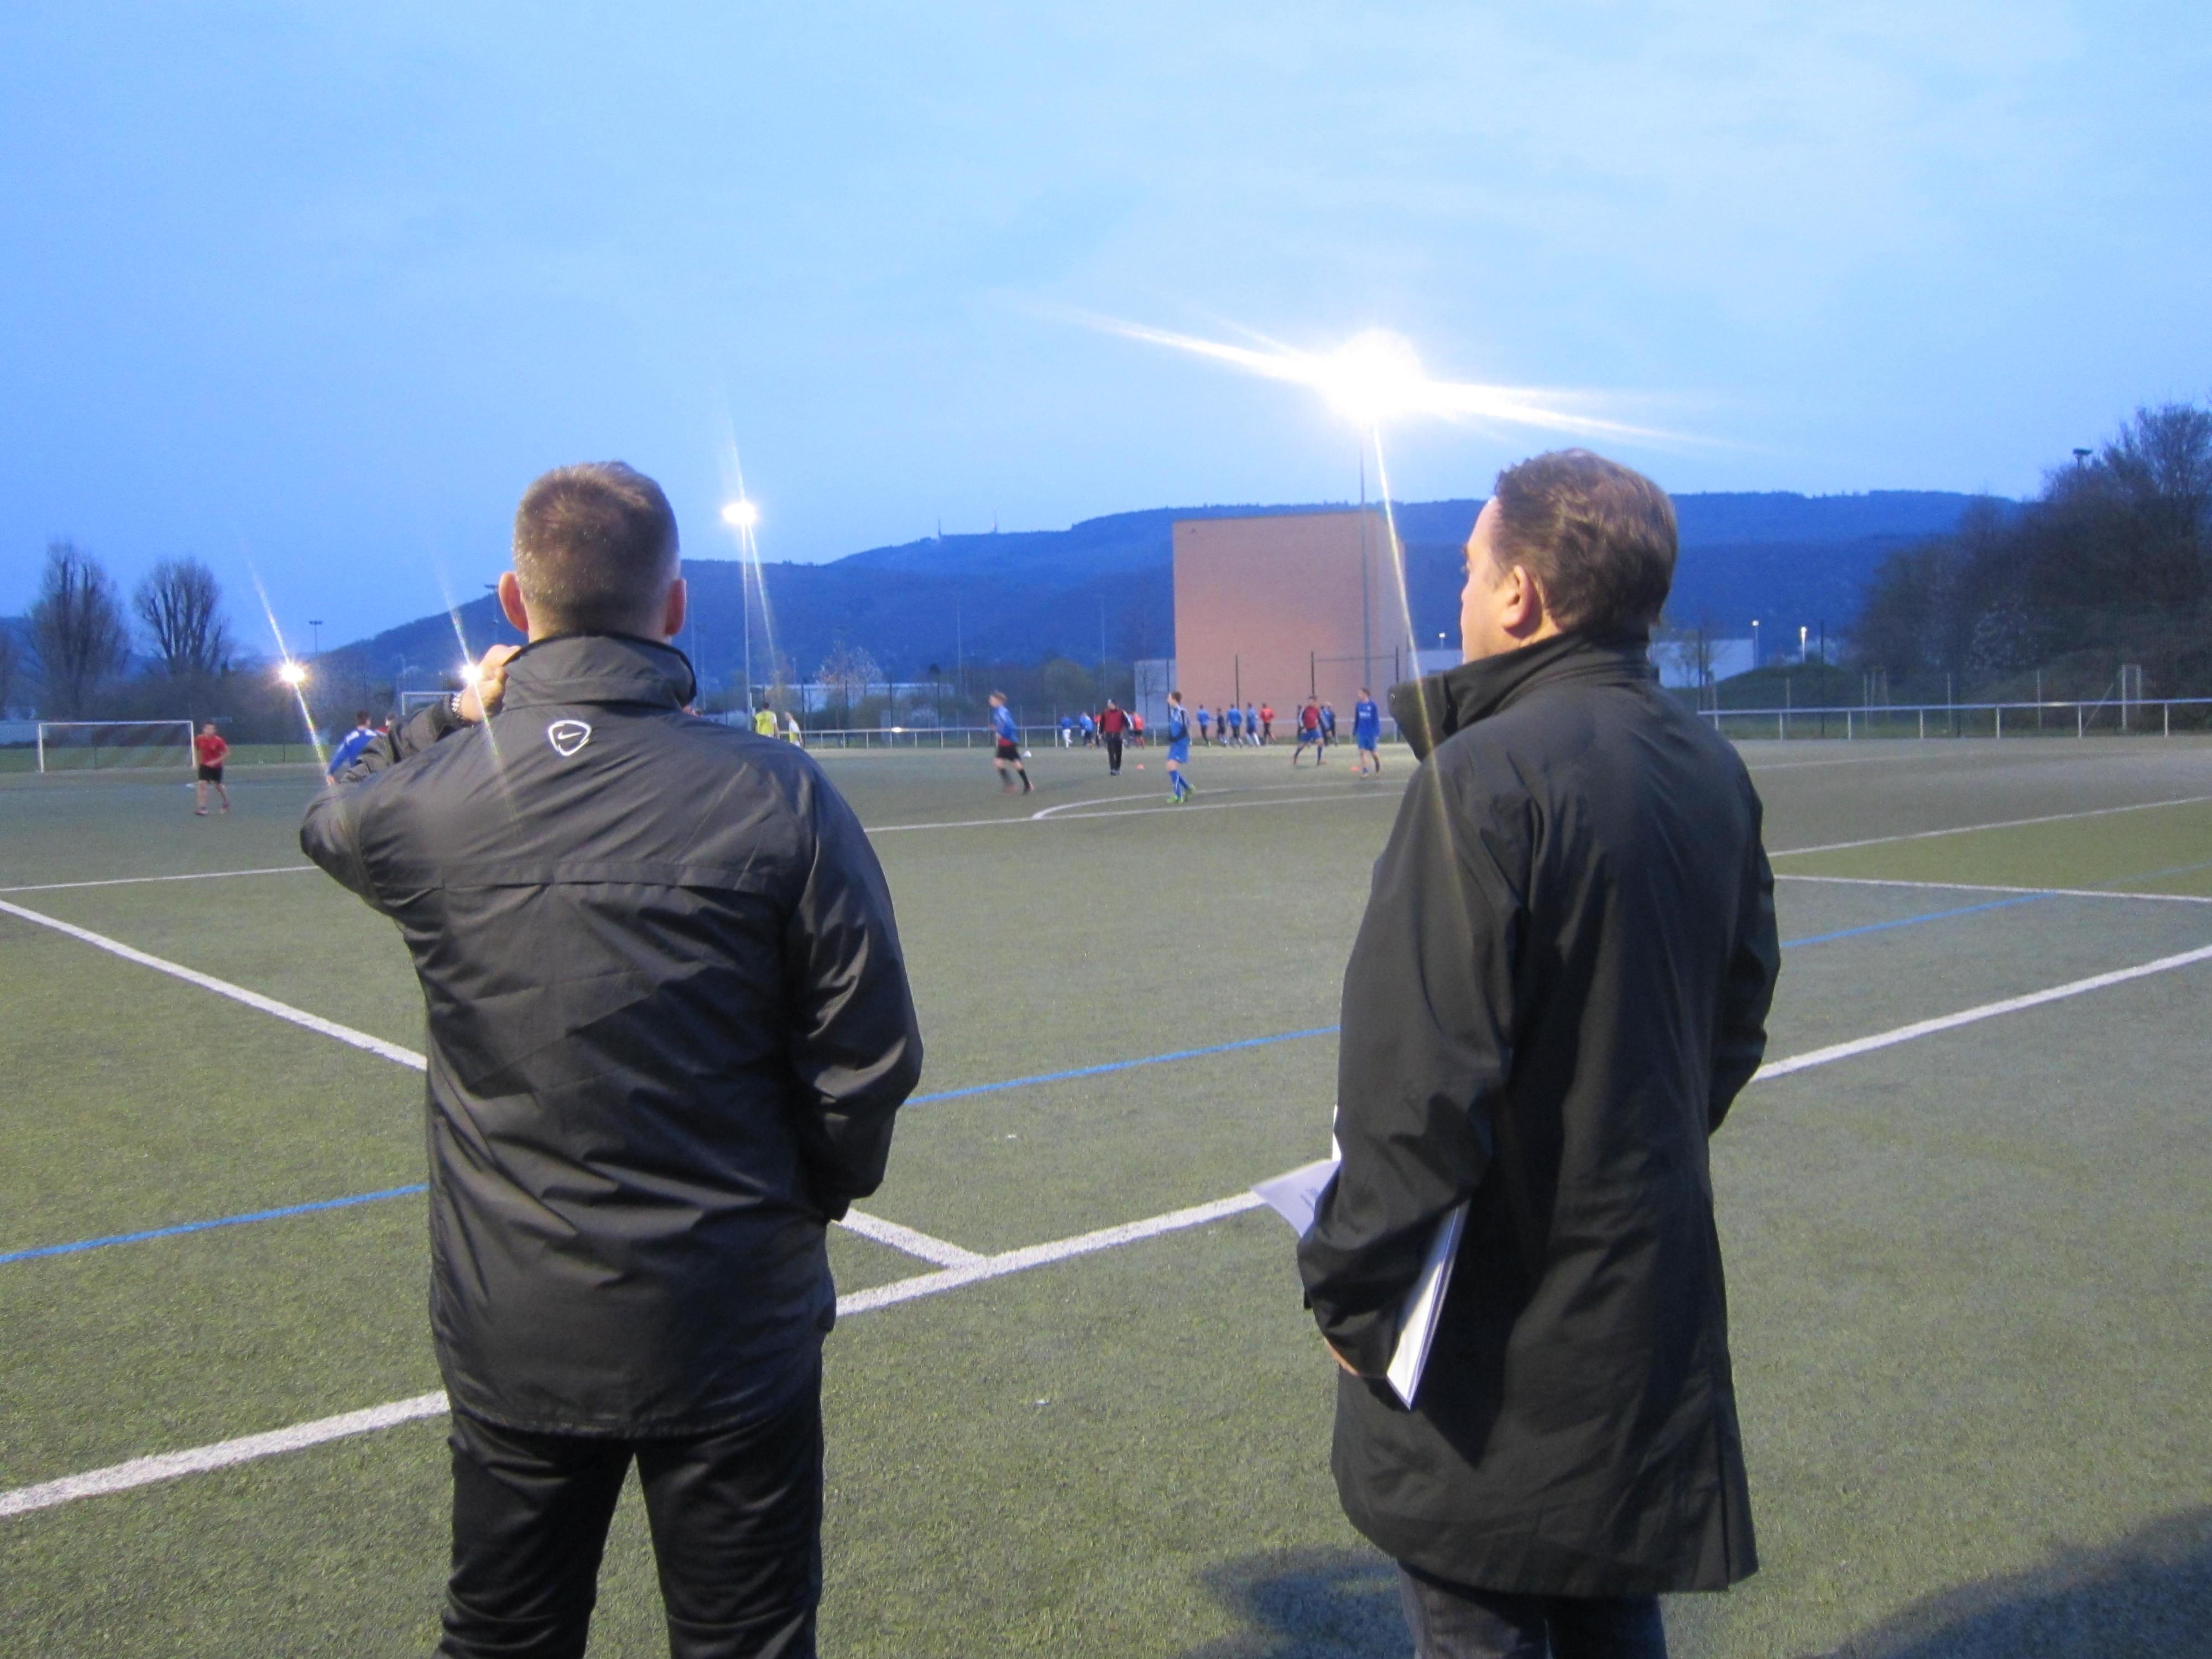 ドイツ語+サッカー留学 in ドイツ・ハイデルベルク